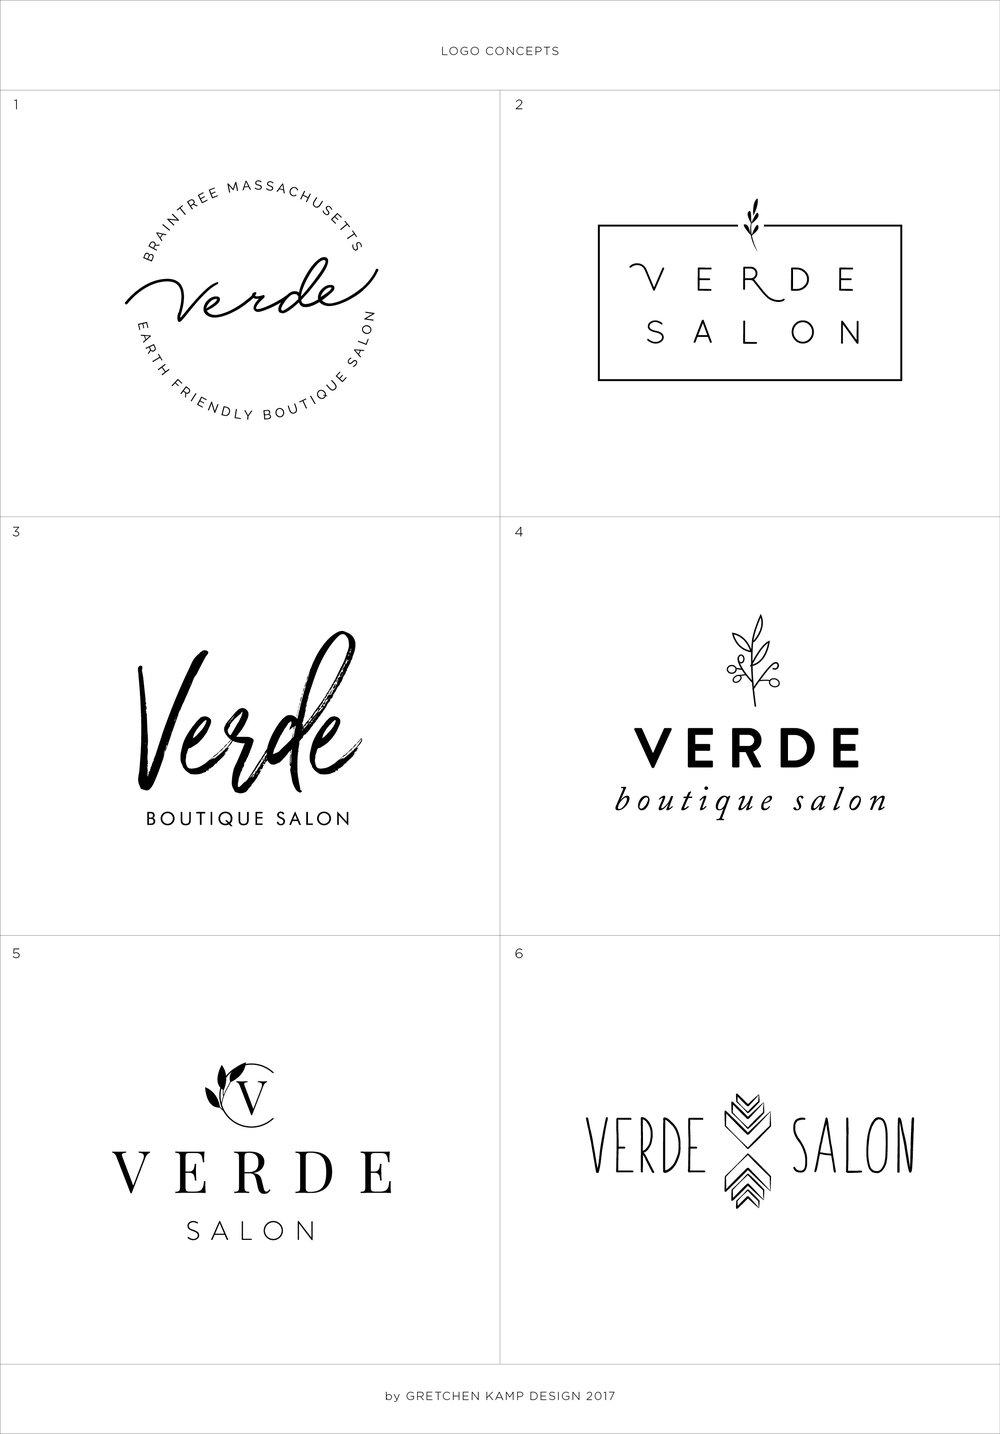 VerdeSalon_logos_v01.jpg